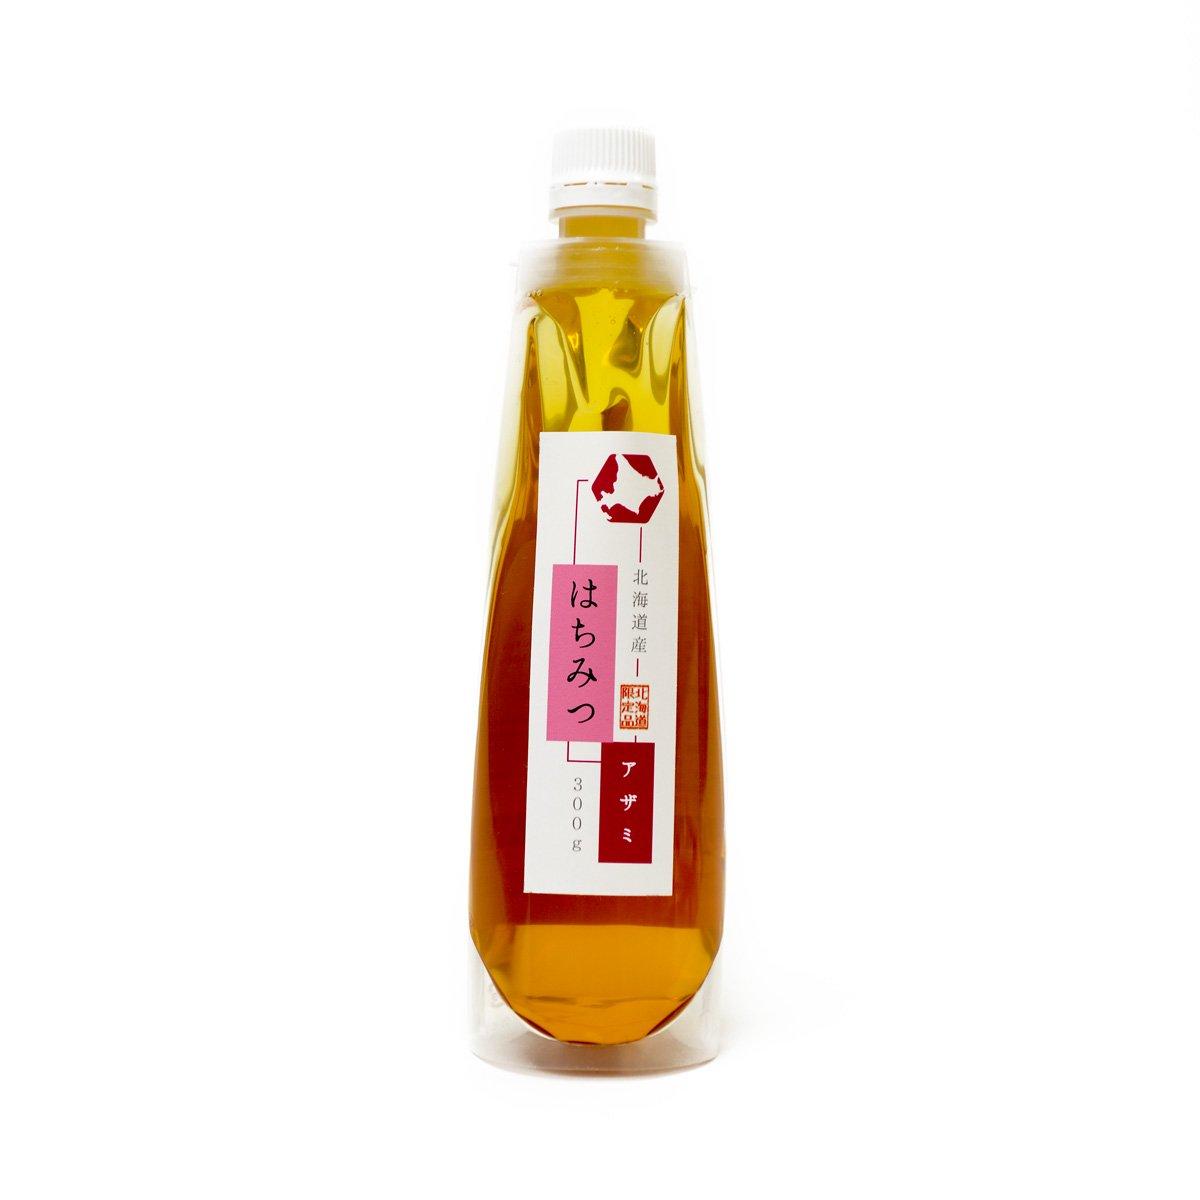 【数量限定】北海道産らくらく蜂蜜 アザミ